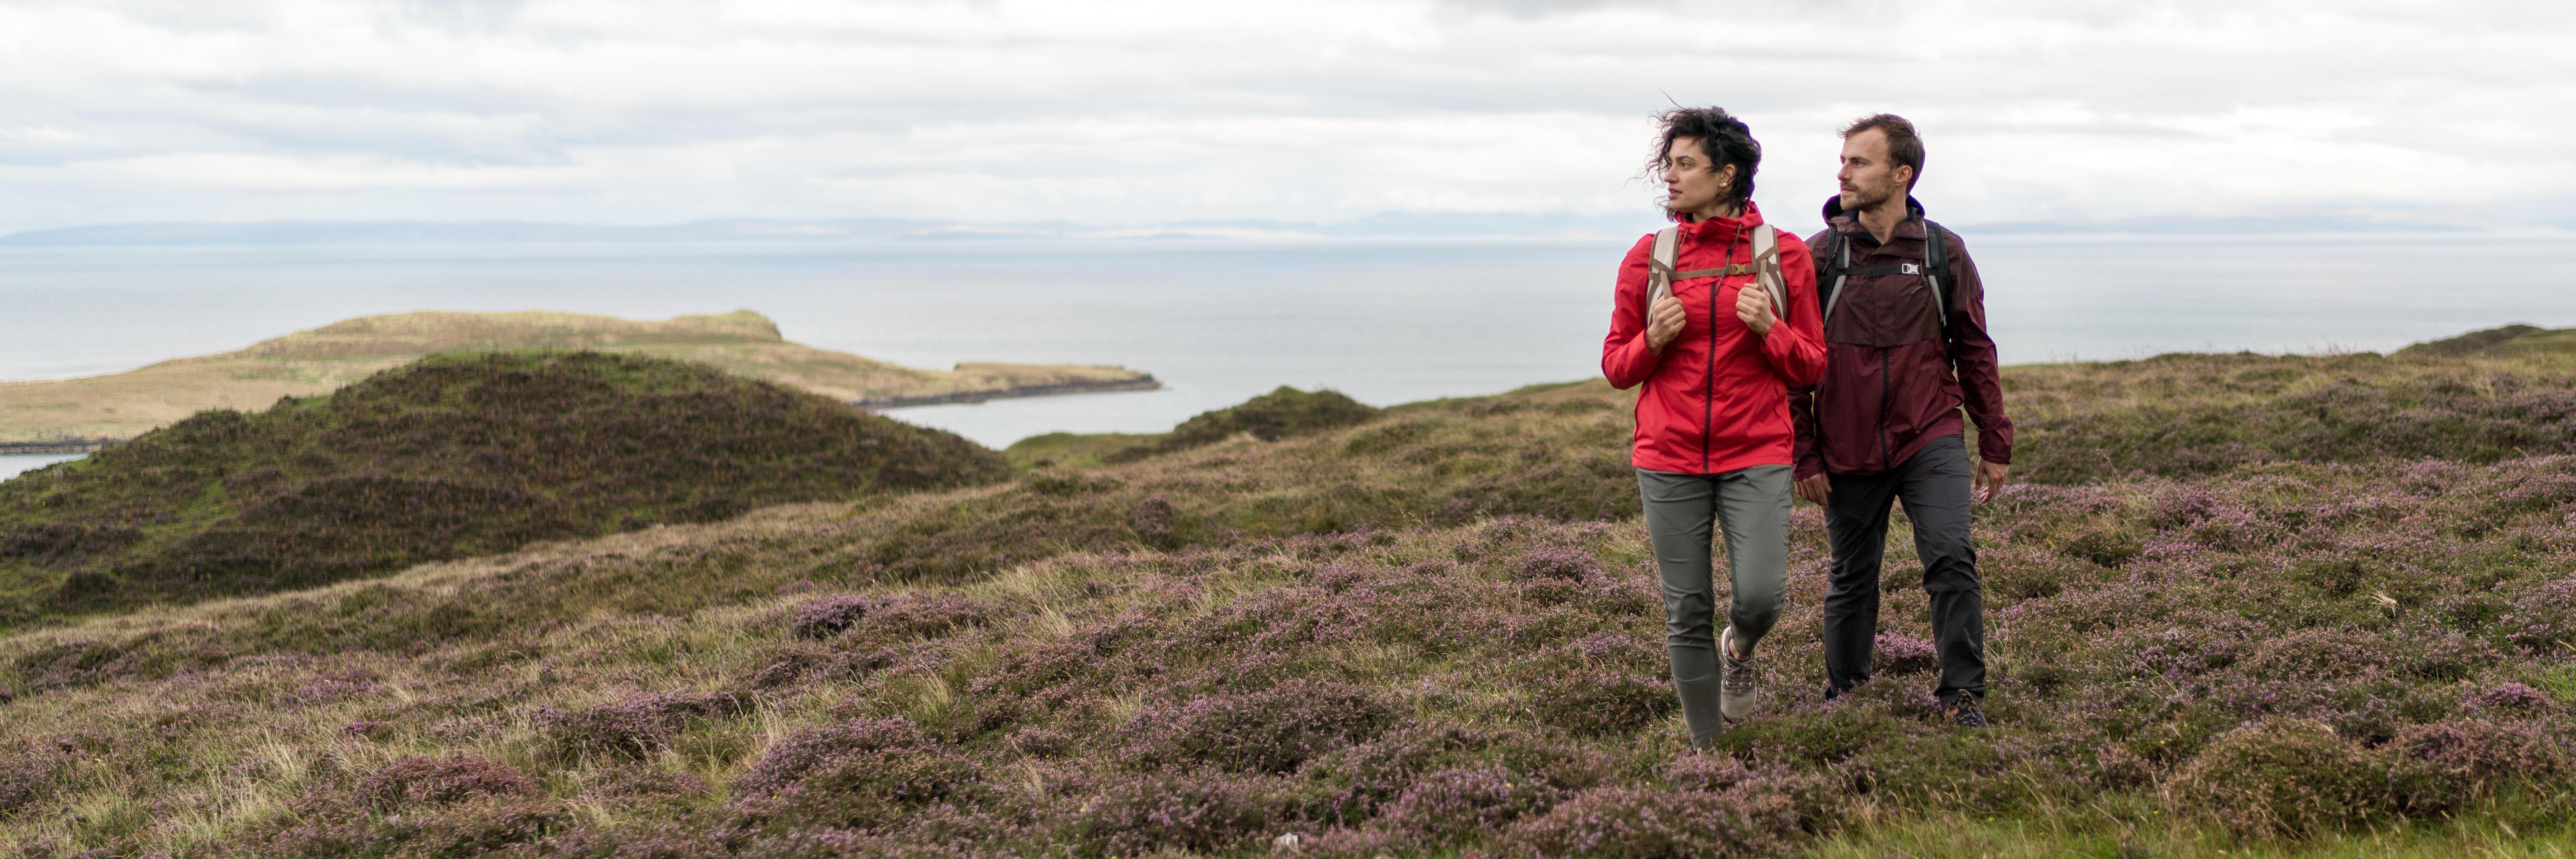 5 Advantages Of Natural Detoxing Hike